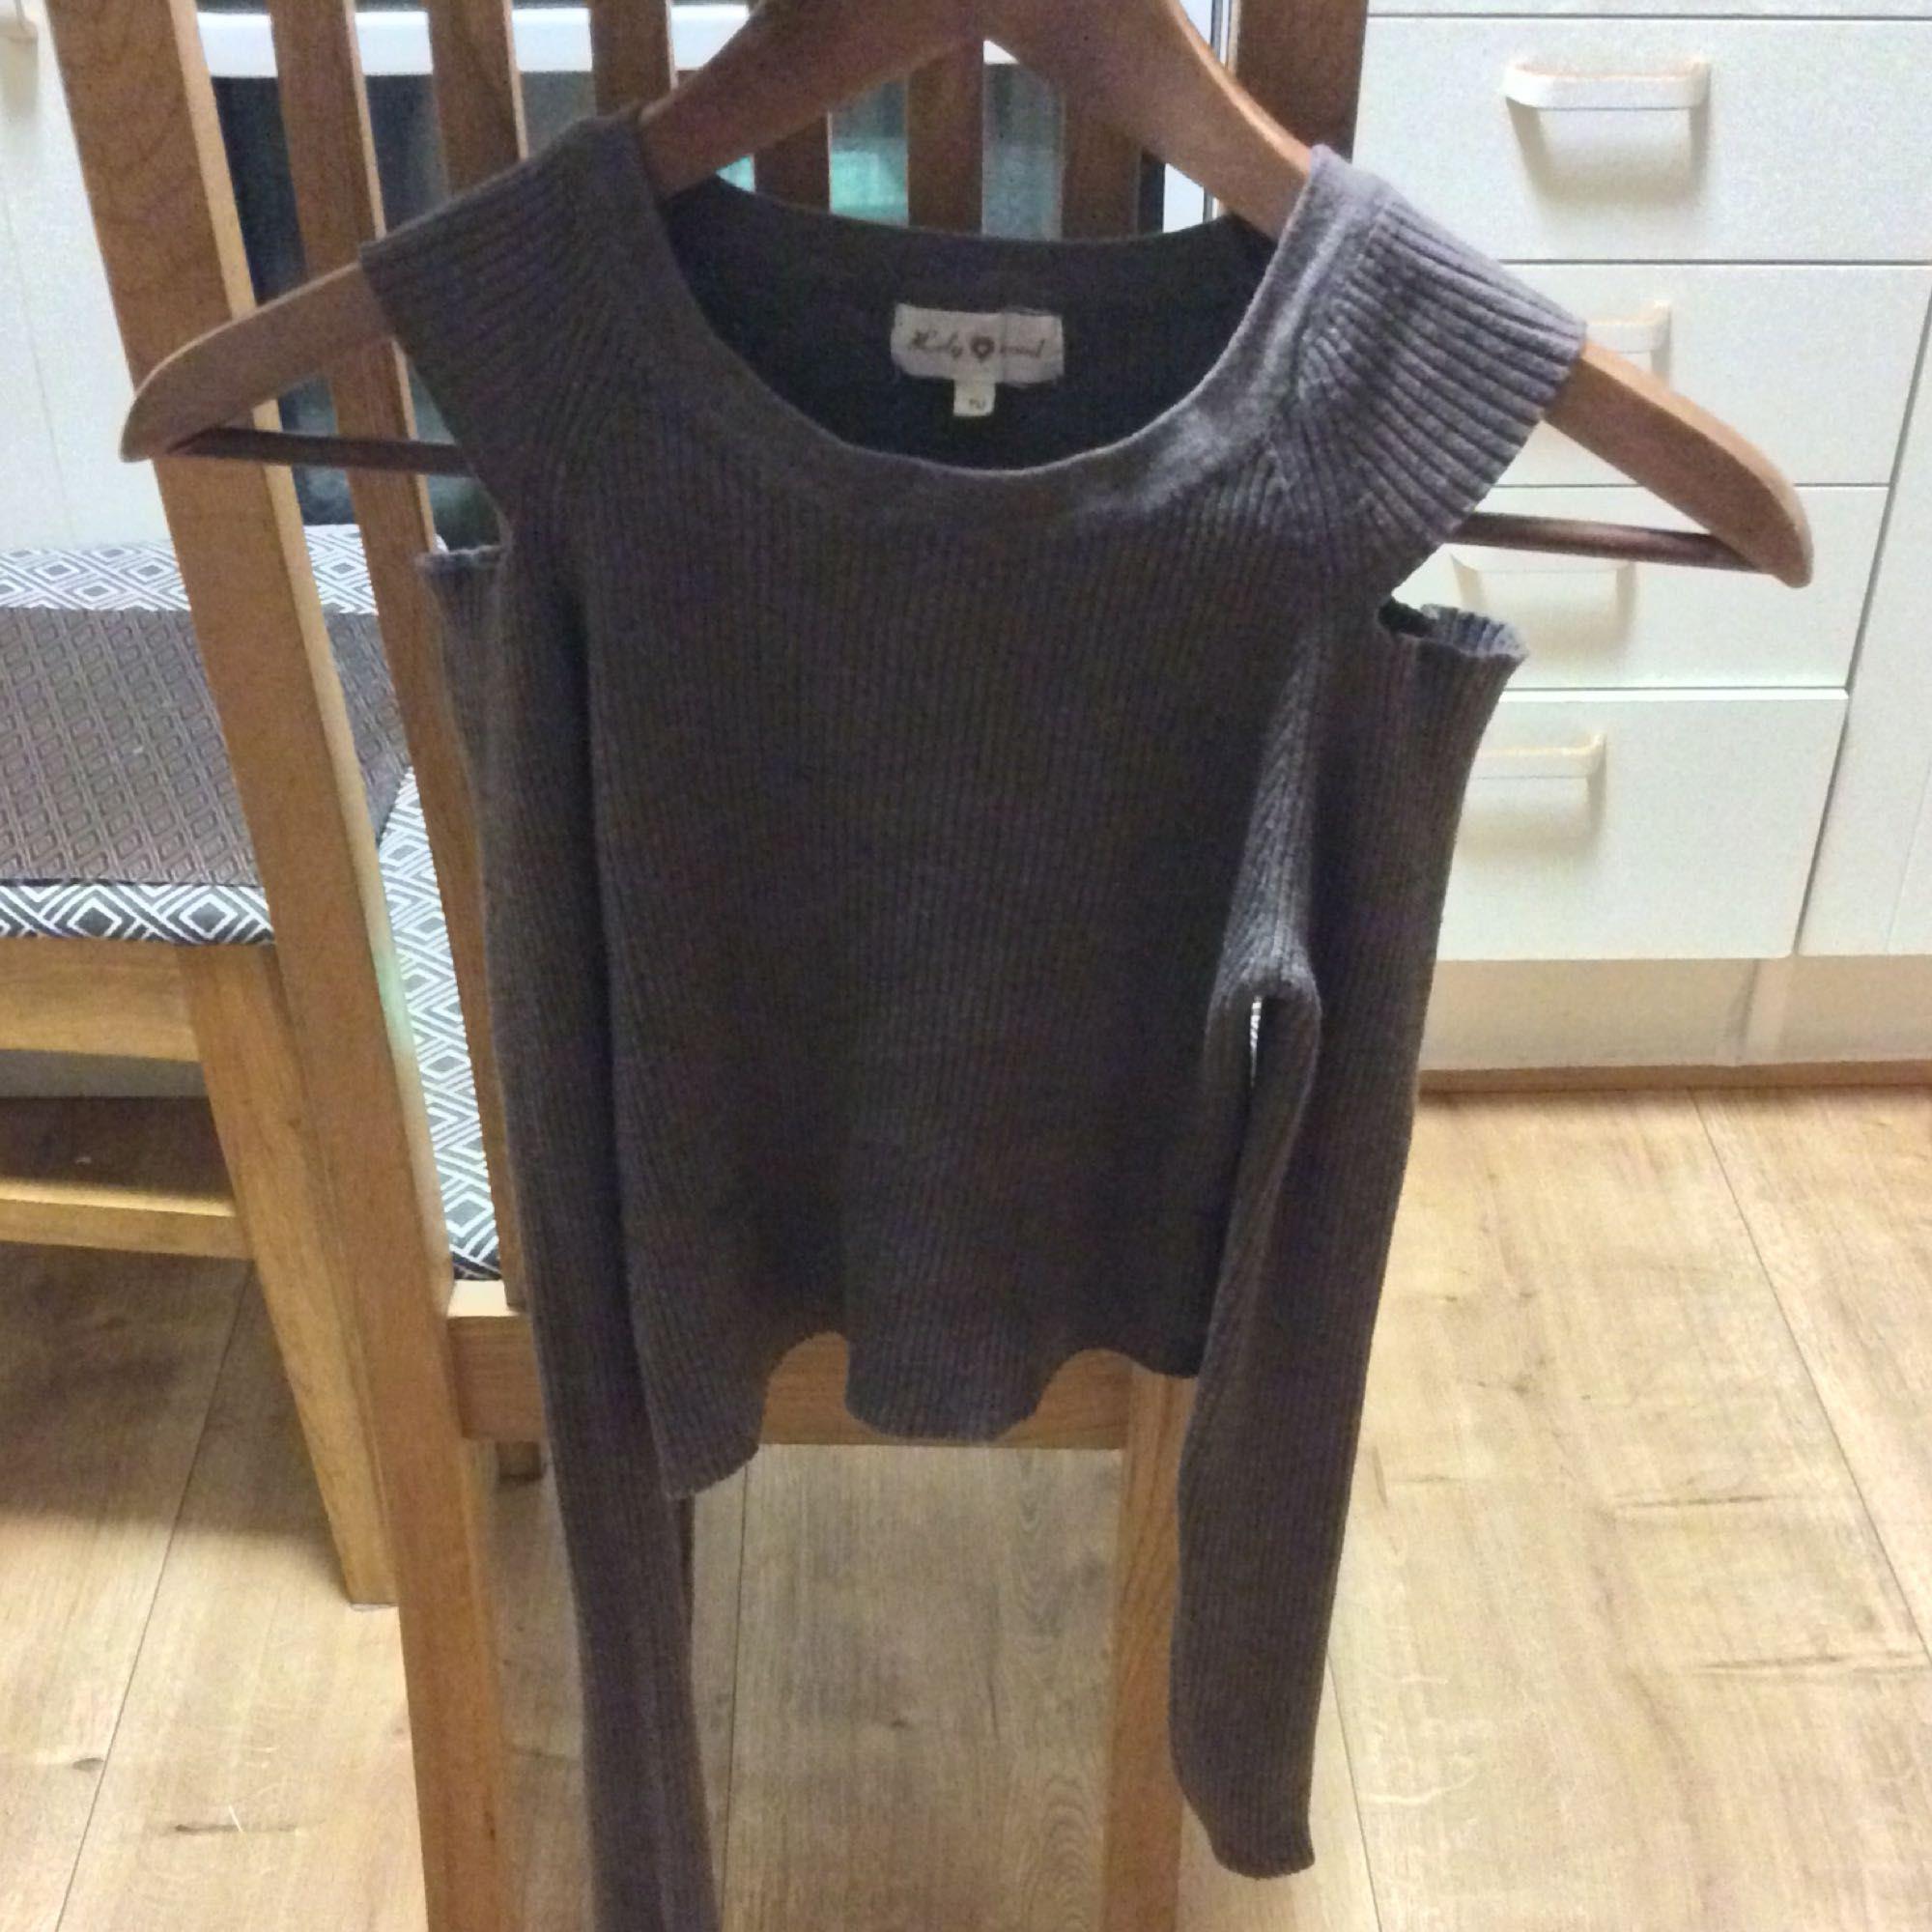 En midjekort brun tröja med hål/ bart om axlarna, sitter jätte snyggt på och är i storlek XS/S.. Tröjor & Koftor.